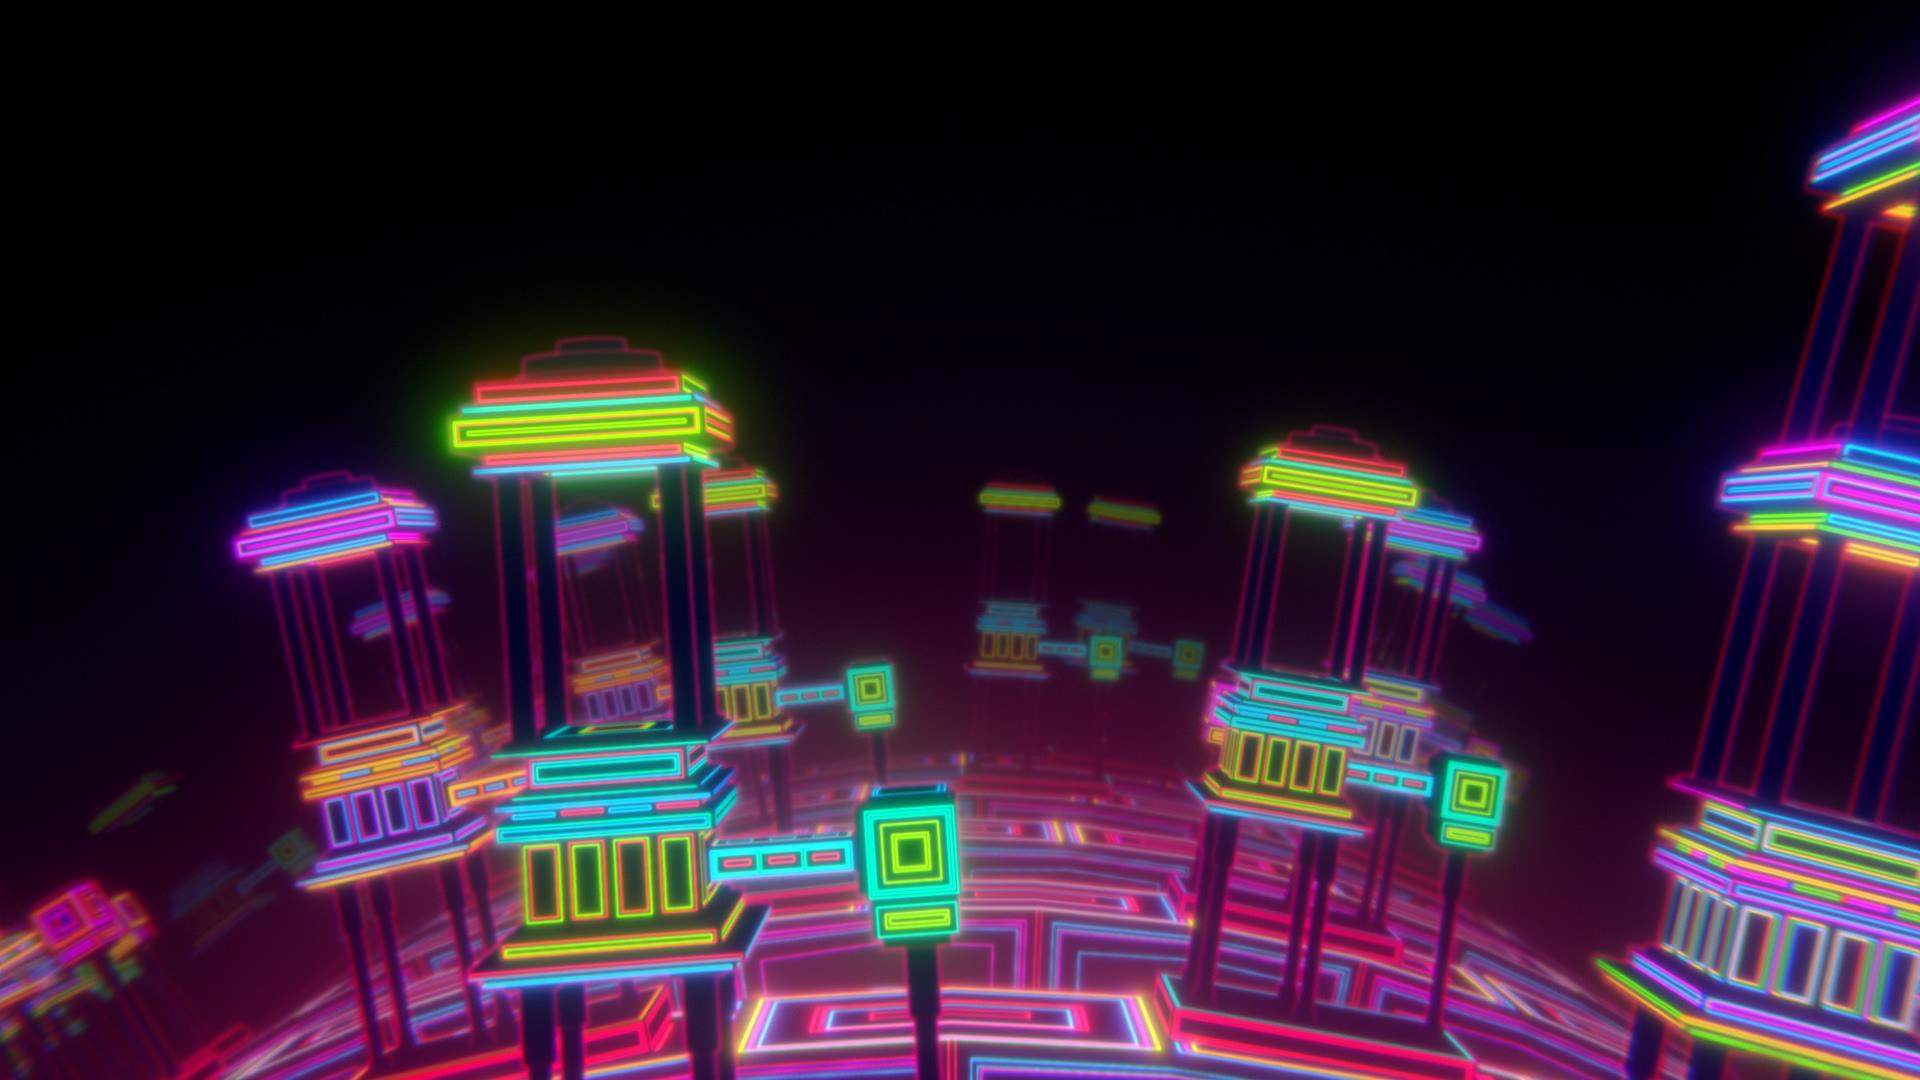 BoomTown_01.jpg